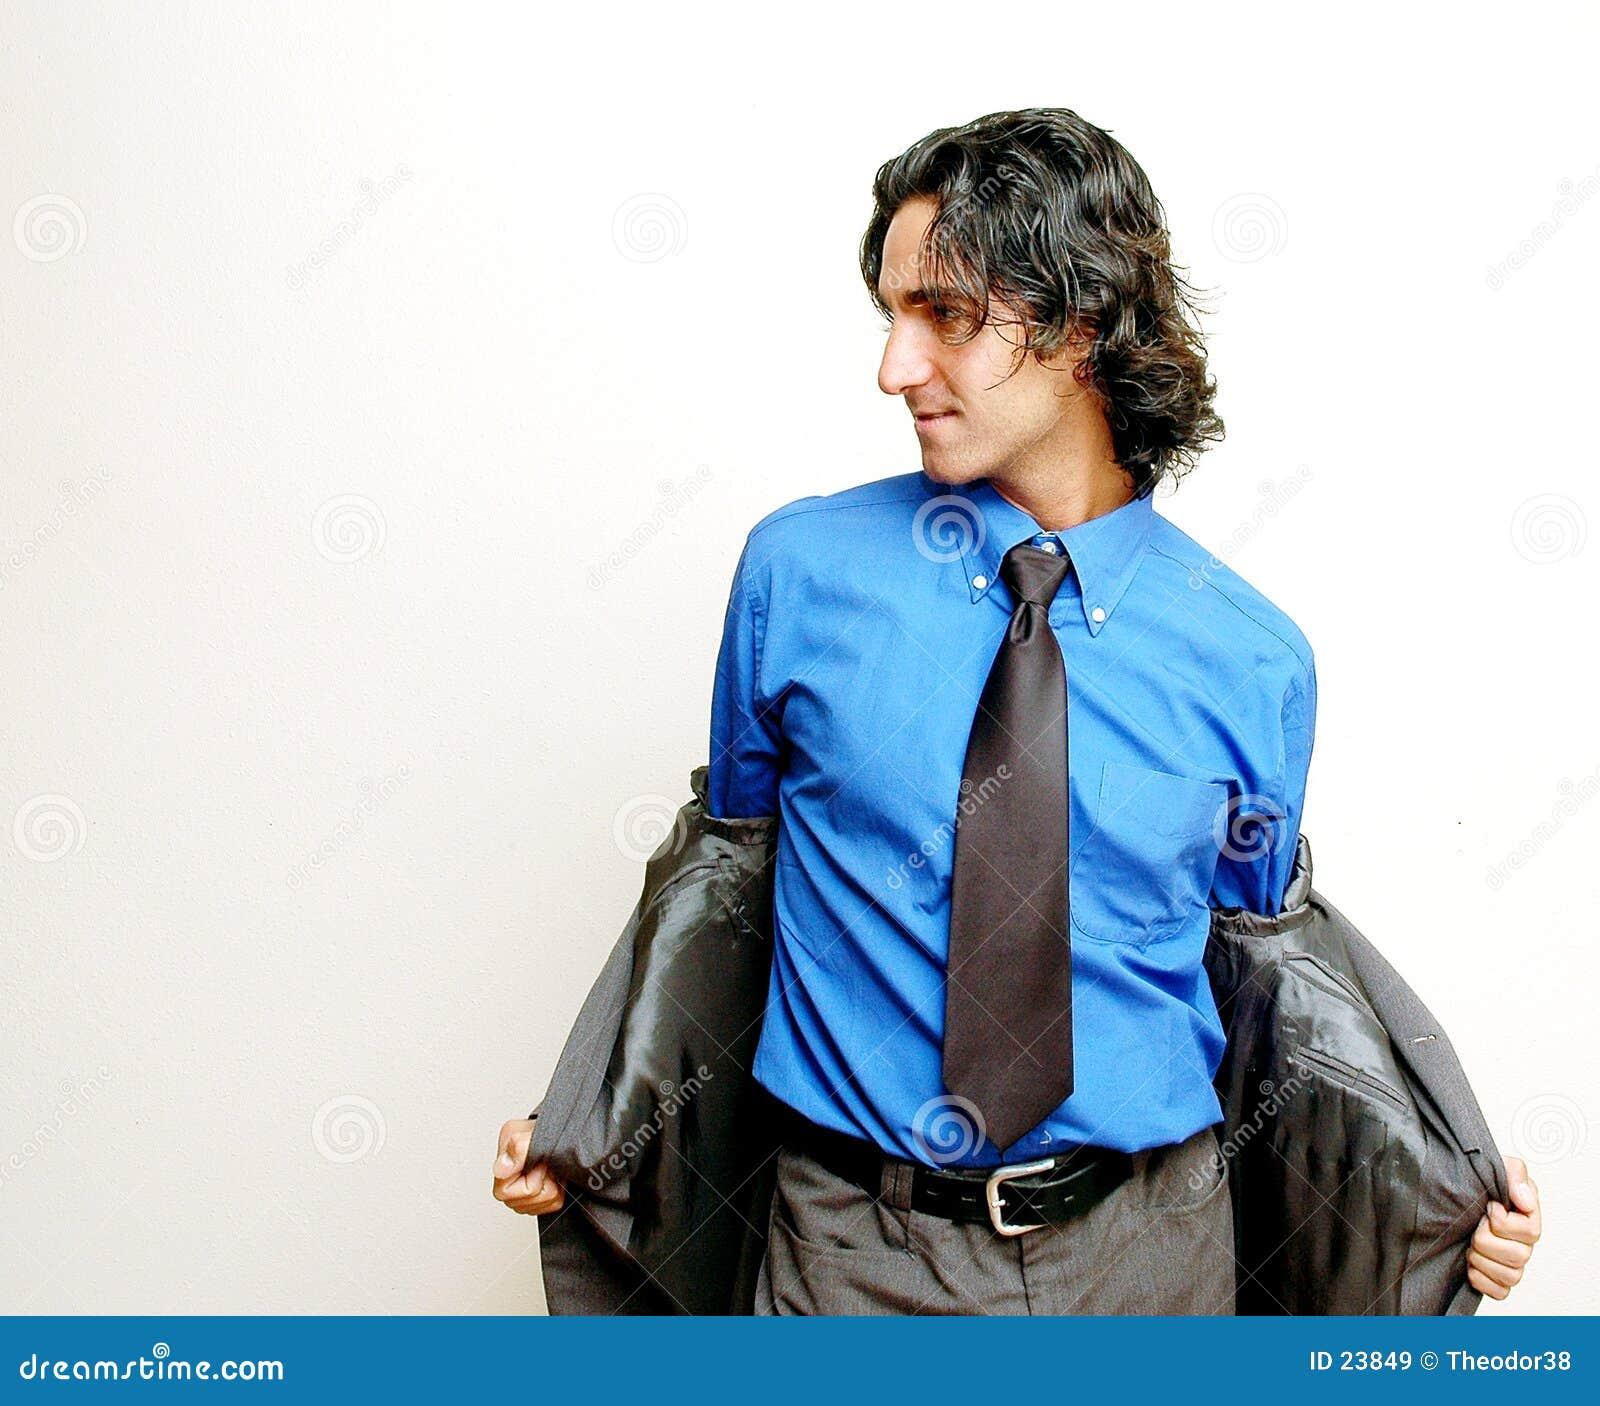 Businessman stripping